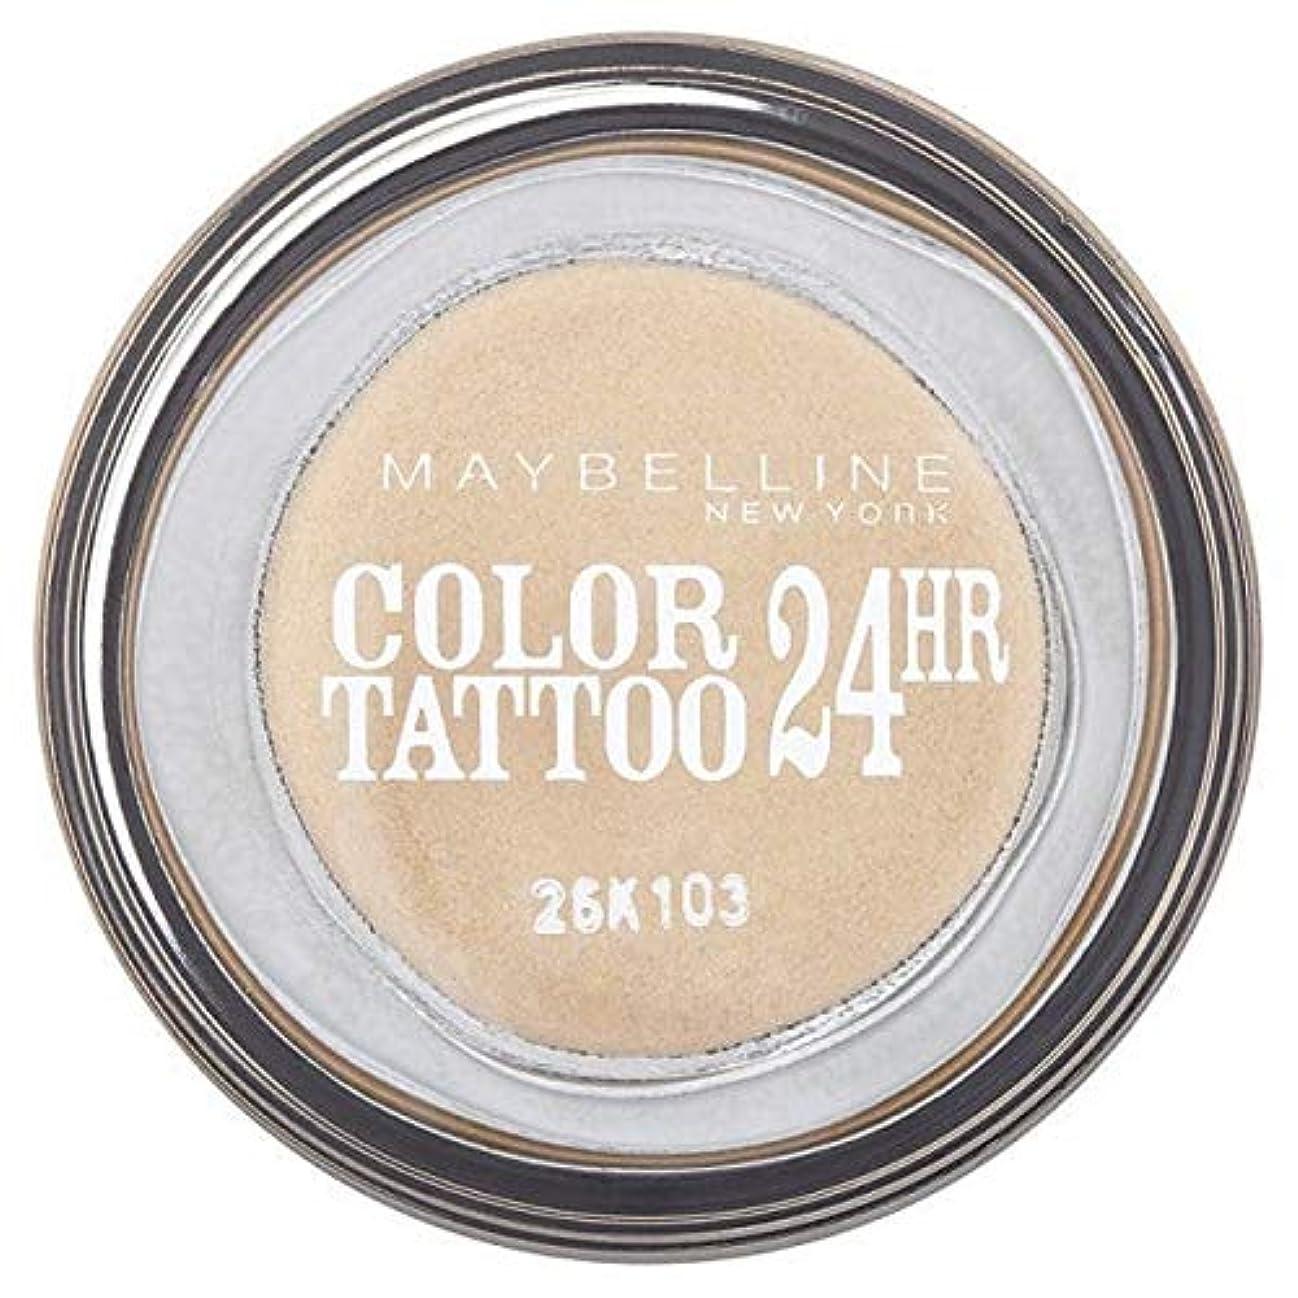 火山学階ムス[Maybelline ] シングルアイシャドウ05金24時間メイベリンカラータトゥー - Maybelline Color Tattoo 24Hr Single Eyeshadow 05 Gold [並行輸入品]